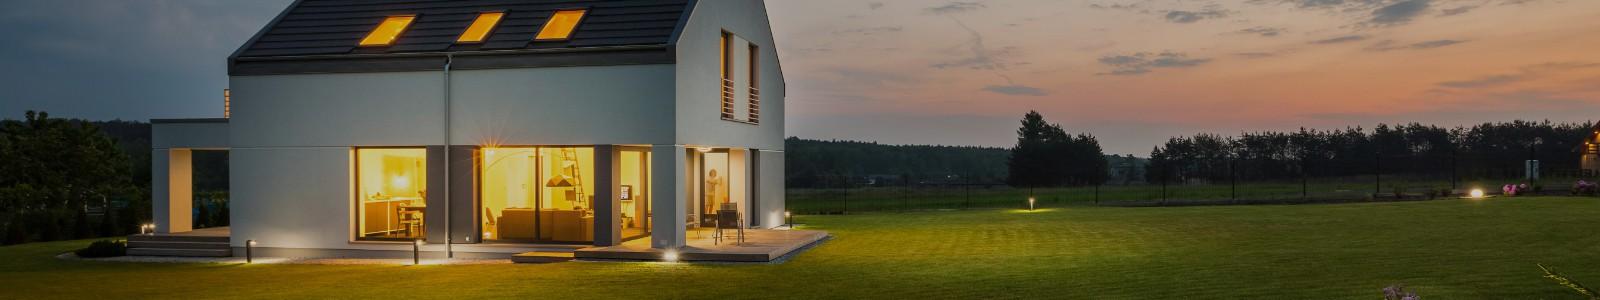 Projekty Domów Z Piwnicą | Uniwersalne i Komfortowe